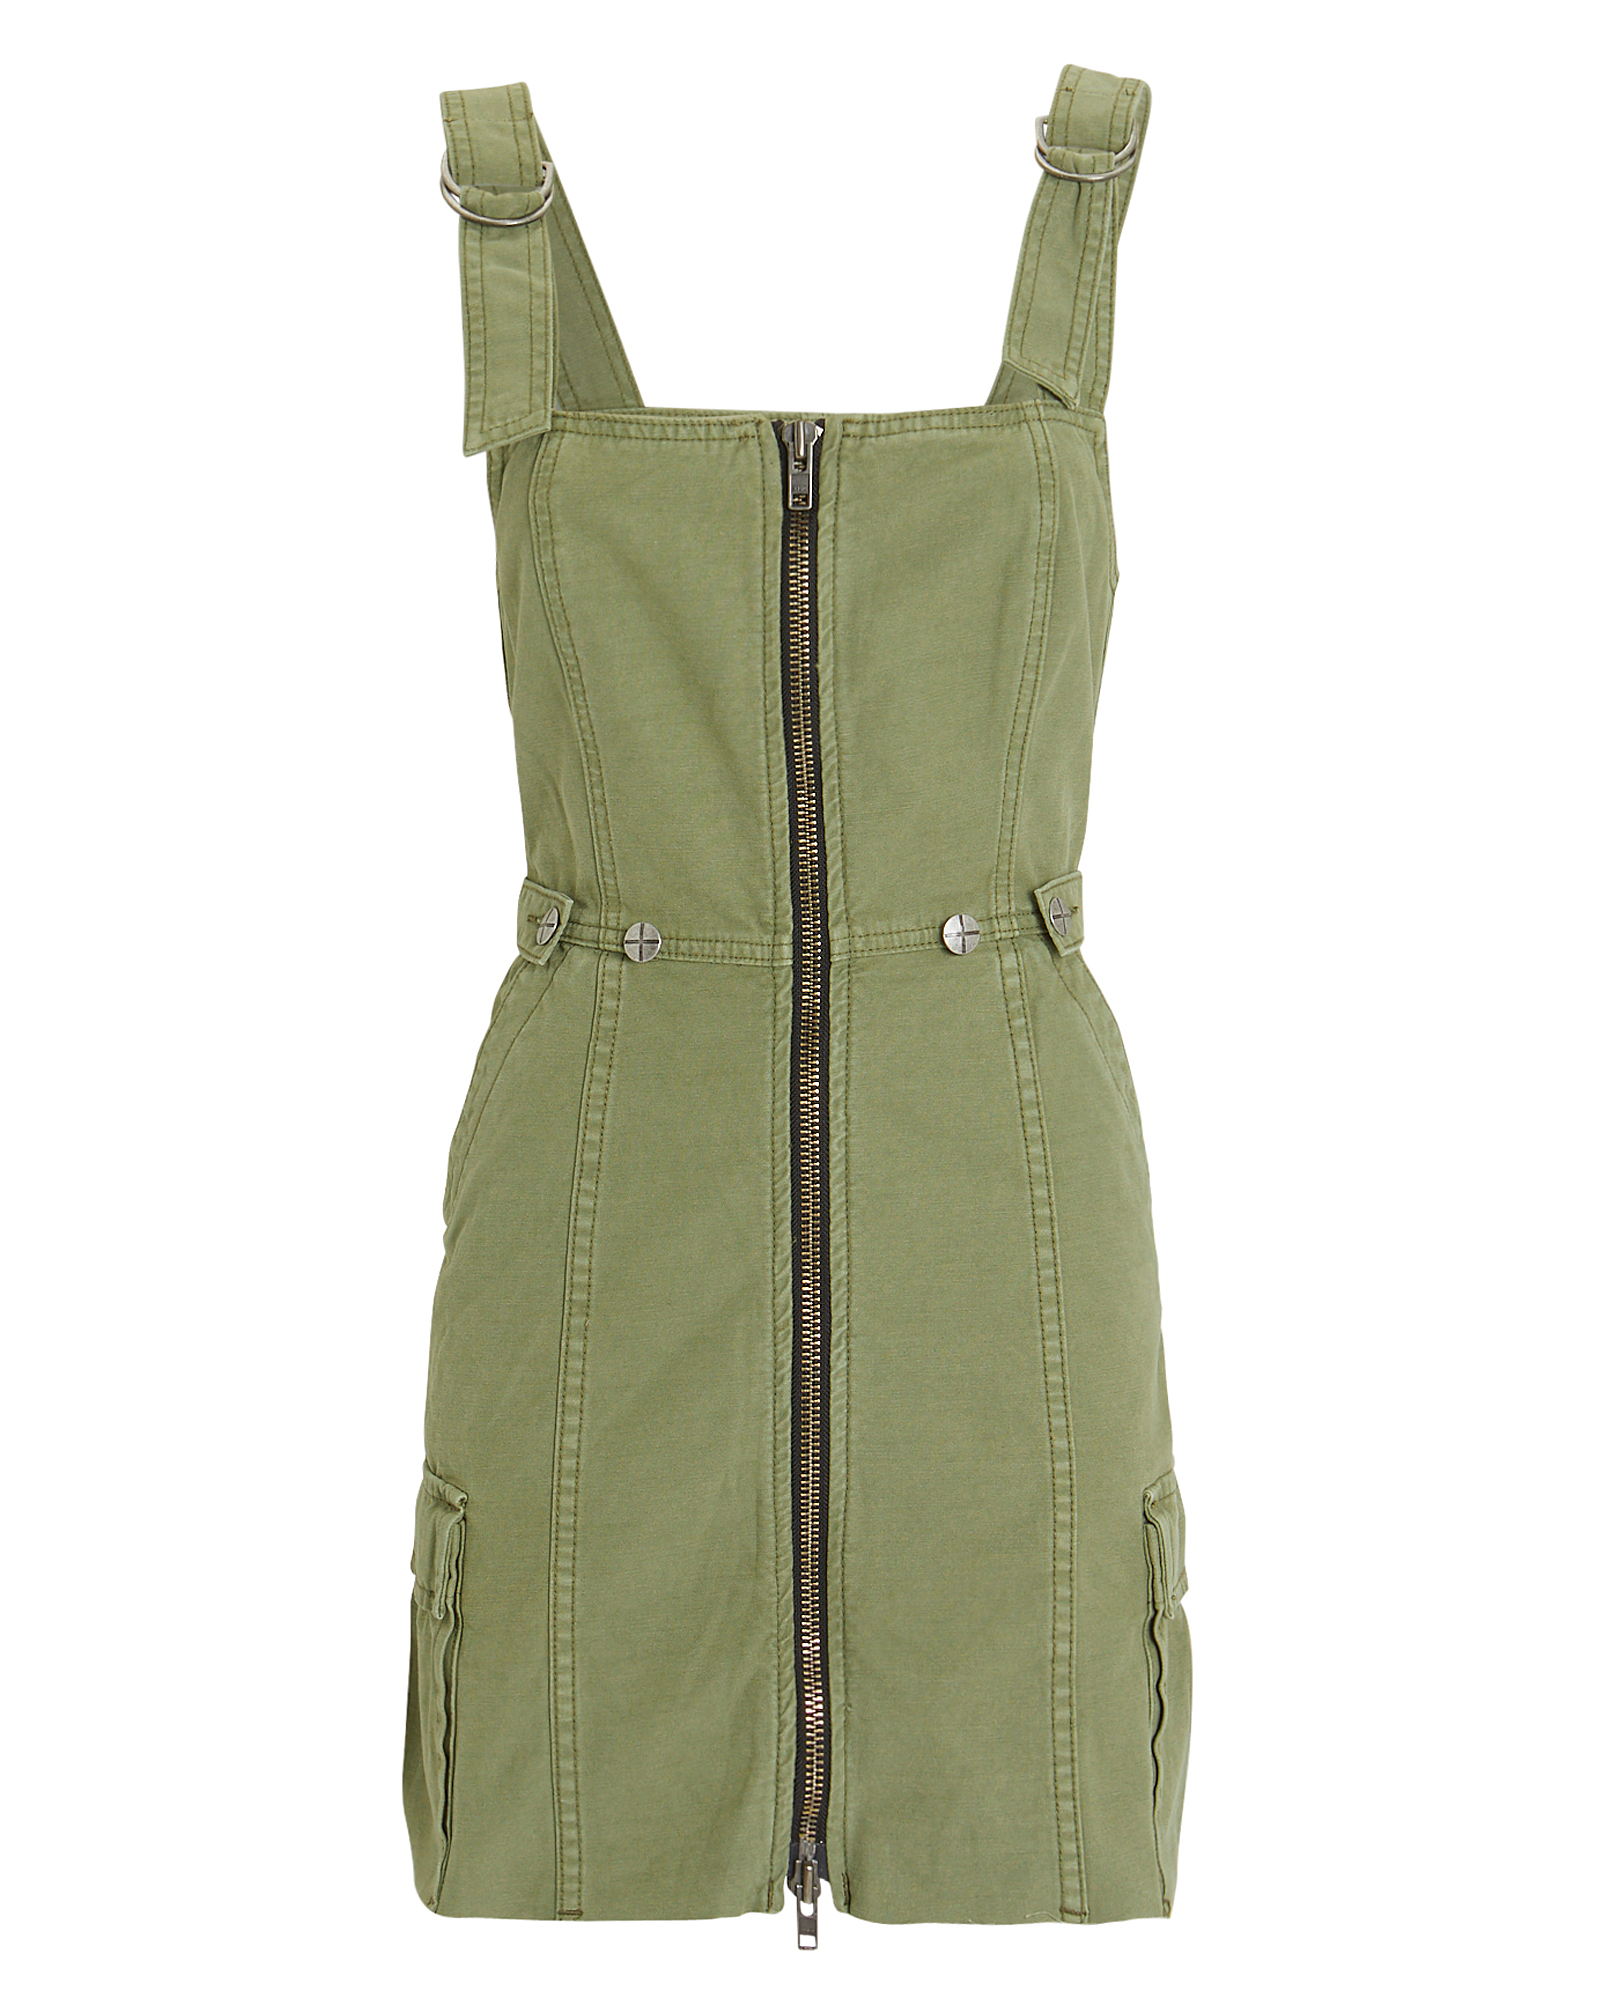 Ksubi Dresses KSUBI CRYPT PINAFORE DRESS  OLIVE GREEN P